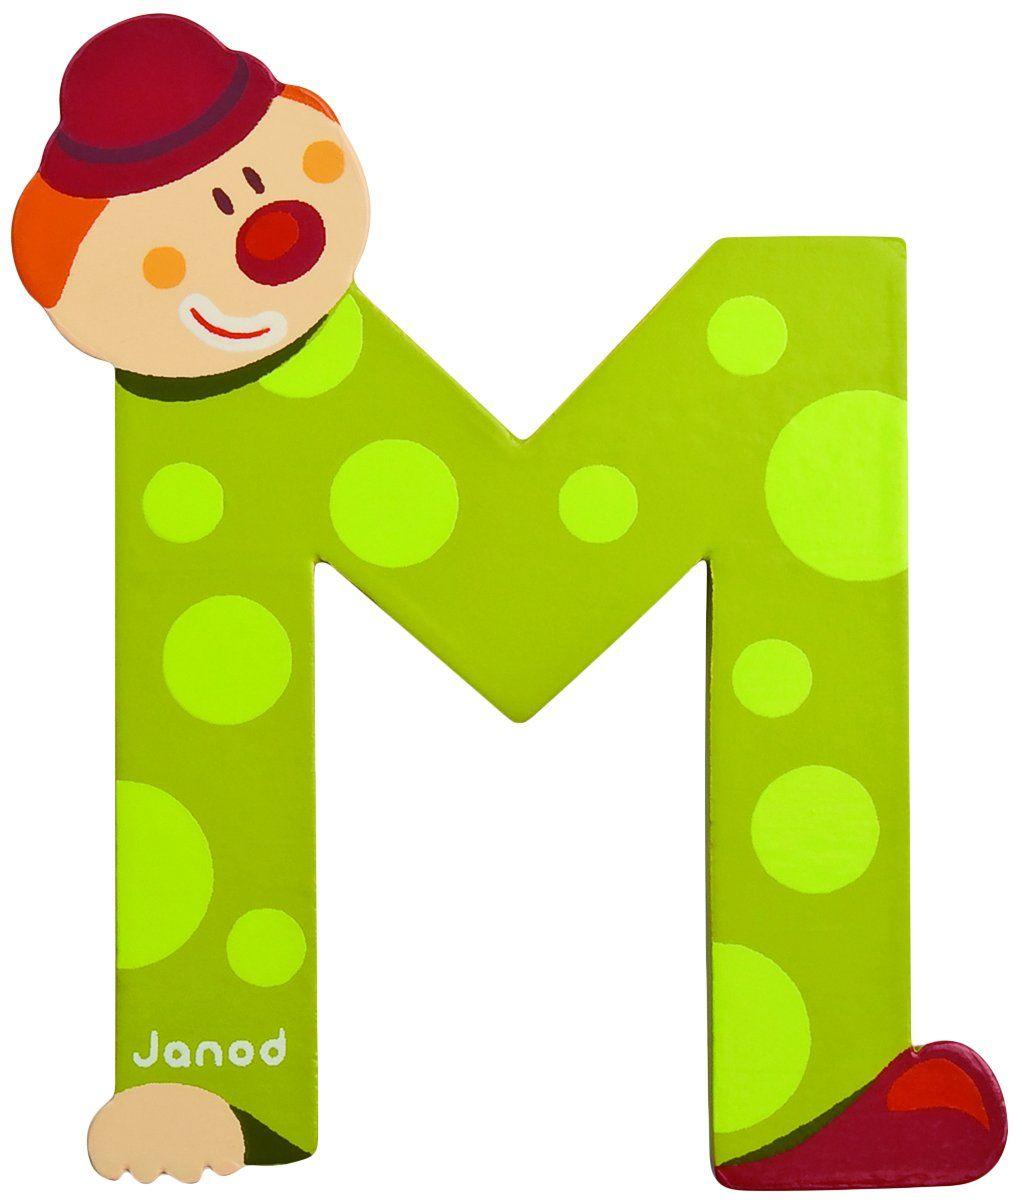 Janod J04554 - Clown Letter M | celine abc | Pinterest